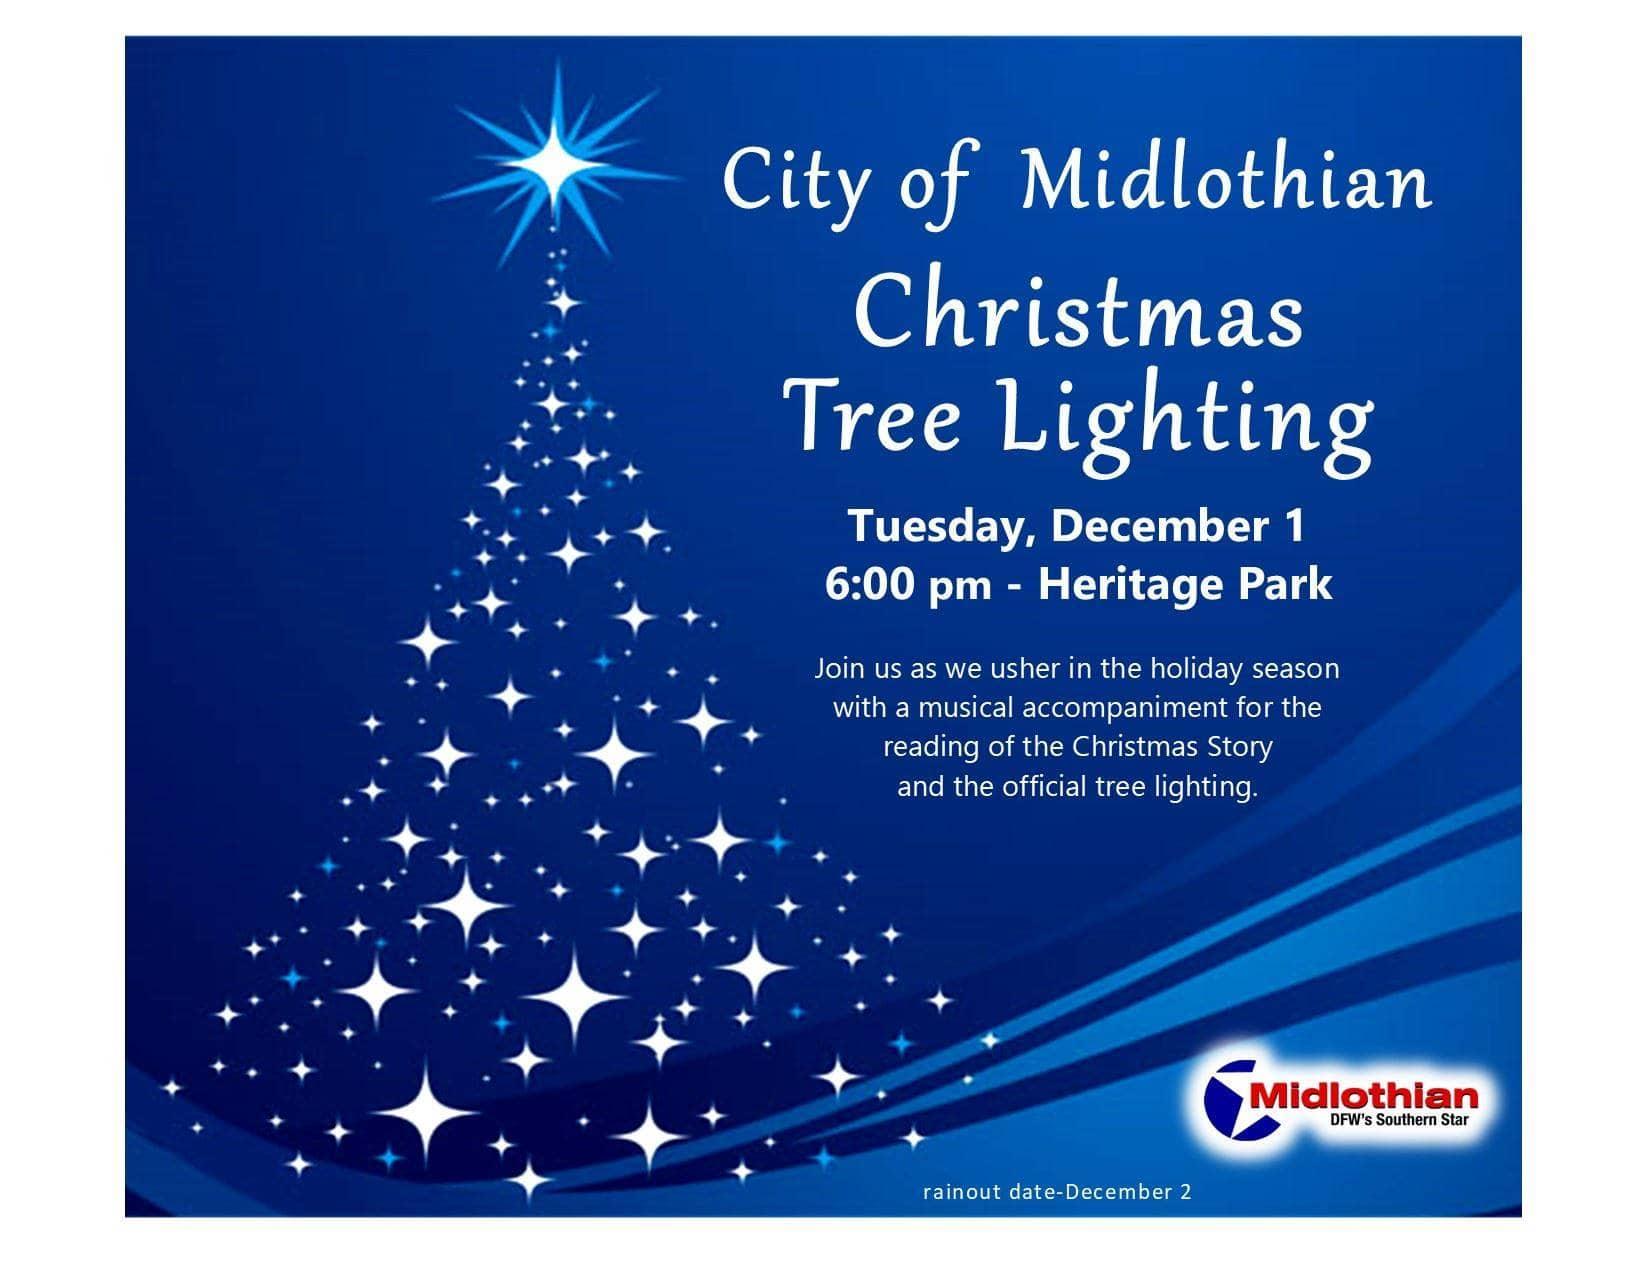 Midlothian Tree Lighting flyer